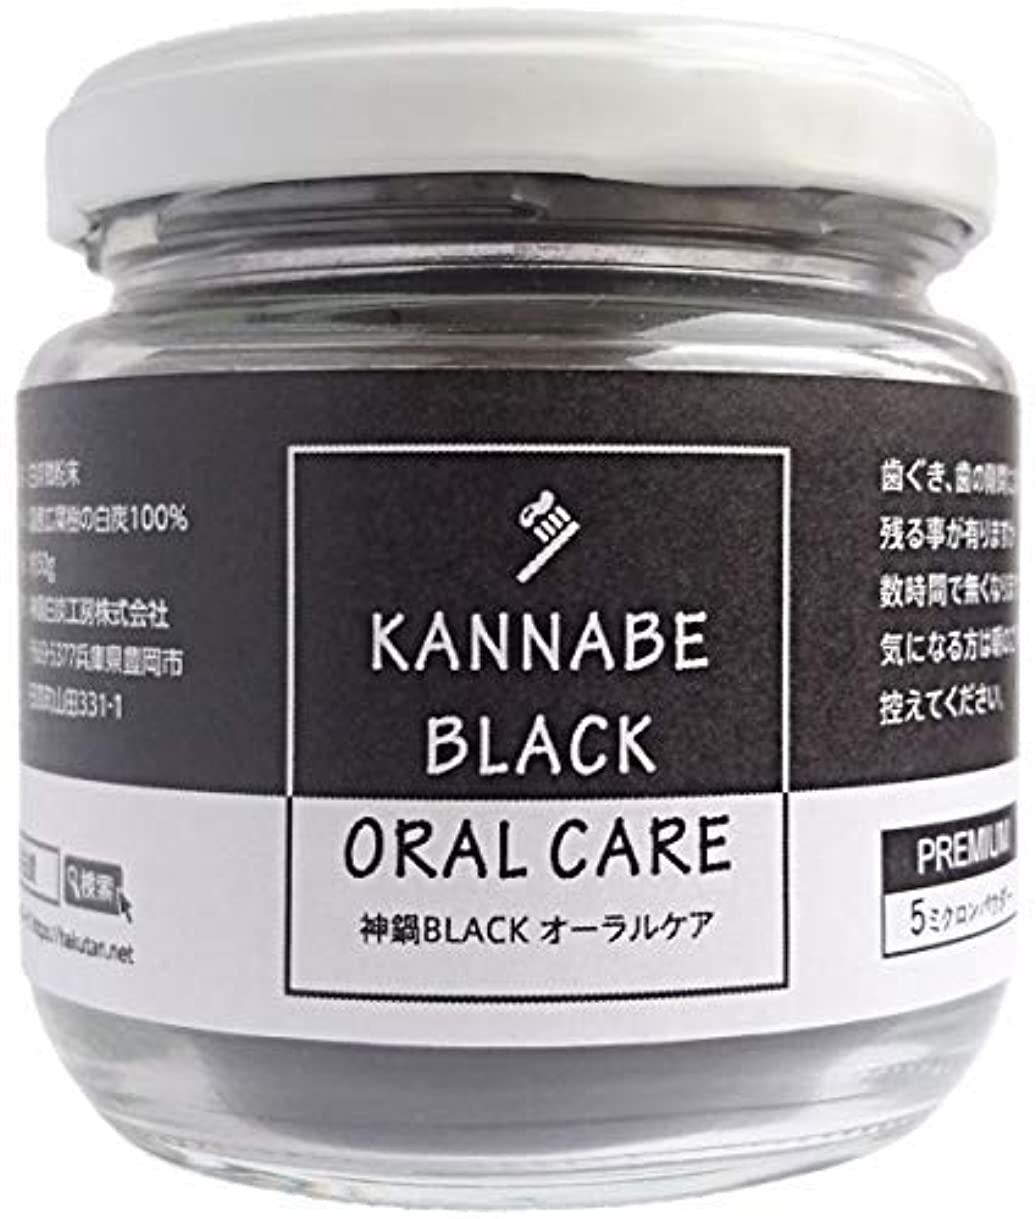 マッサージメキシコスキップホワイトニング オーラルケア 歯磨き 口臭 炭パウダー チャコール 5ミクロン 神鍋BLACK 独自白炭製法 50g